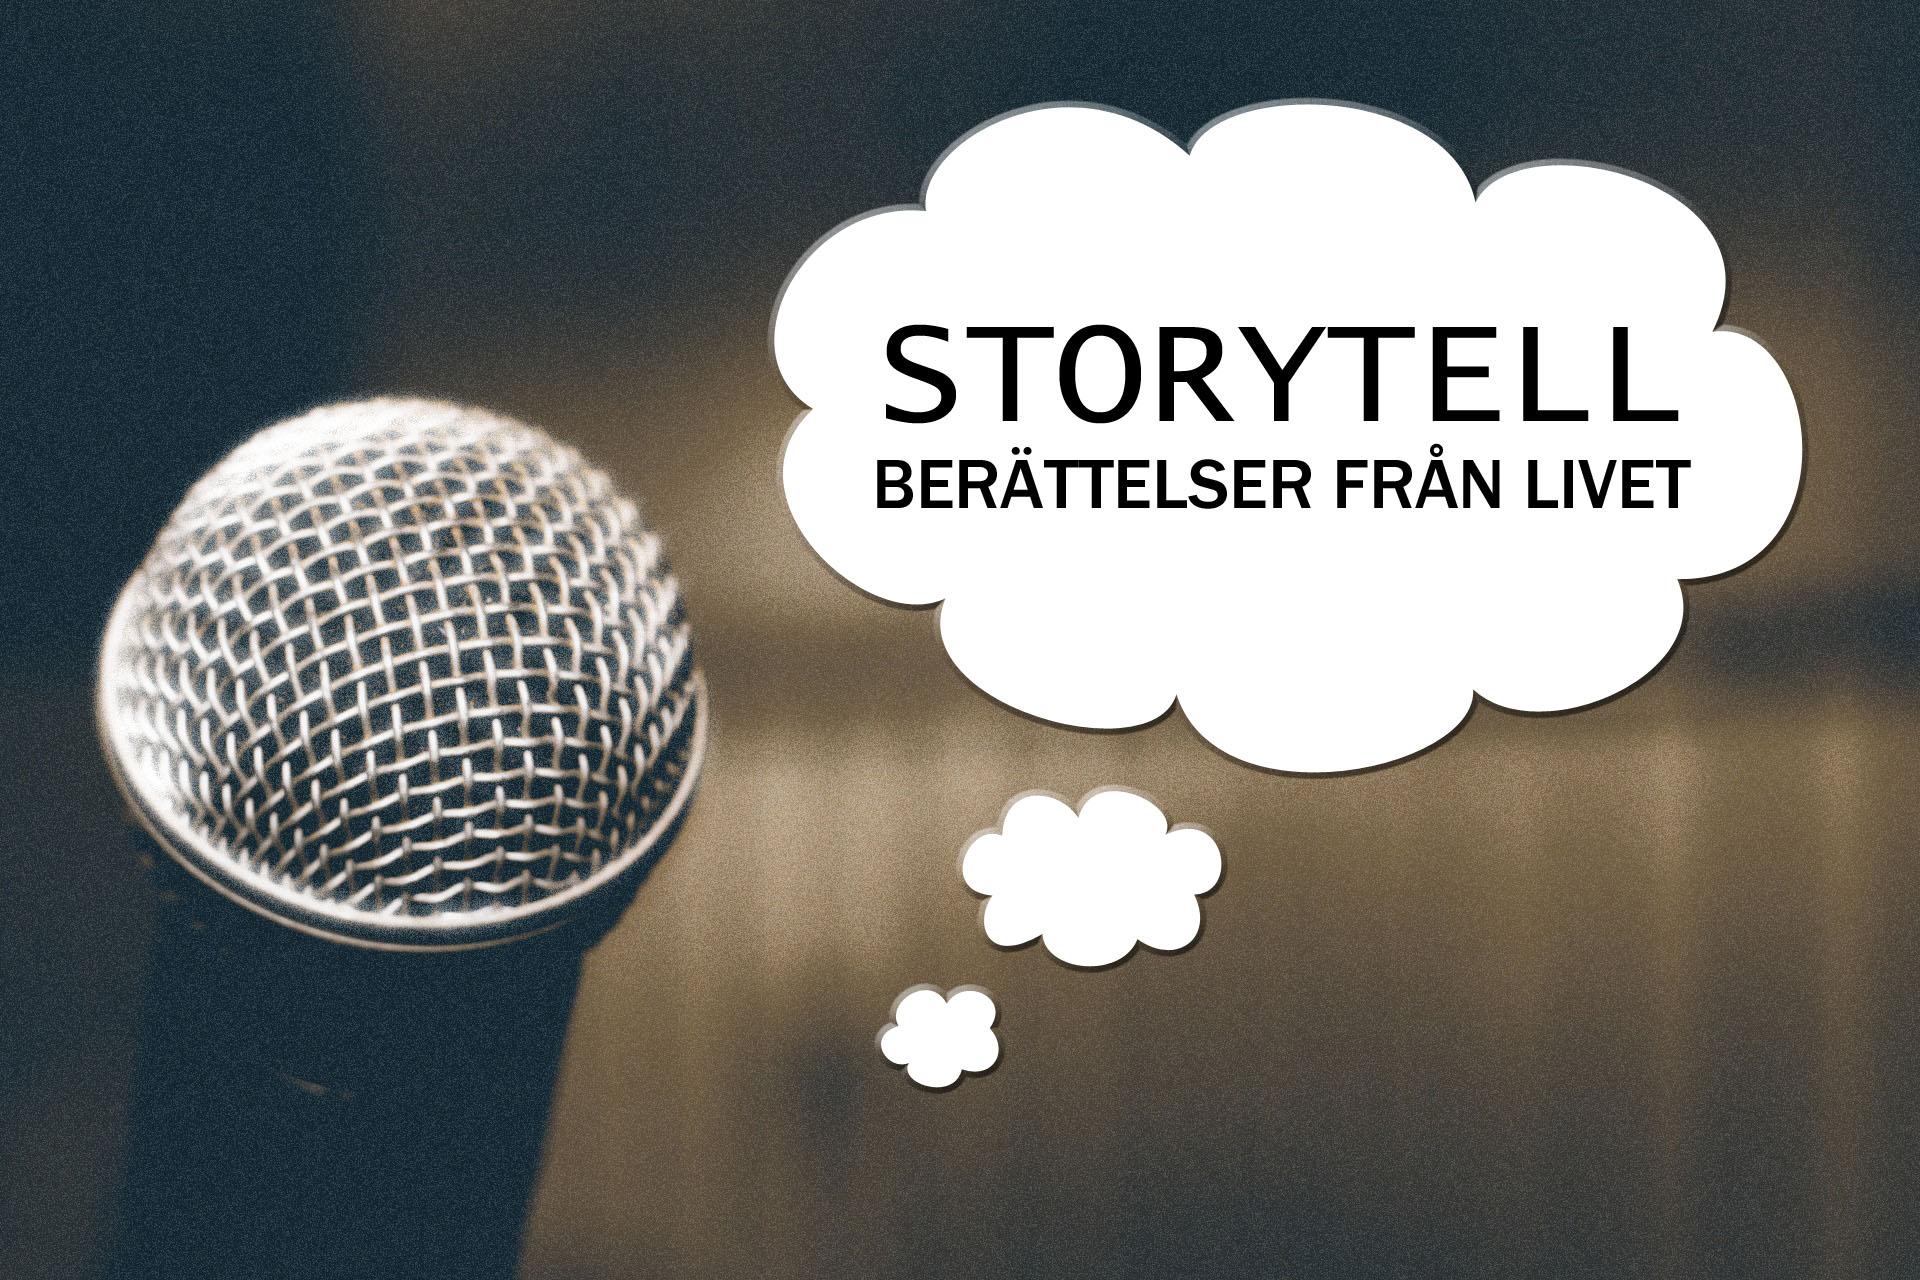 Mikrofon och pratbubbla där det står Storytell - Berättelser från livet